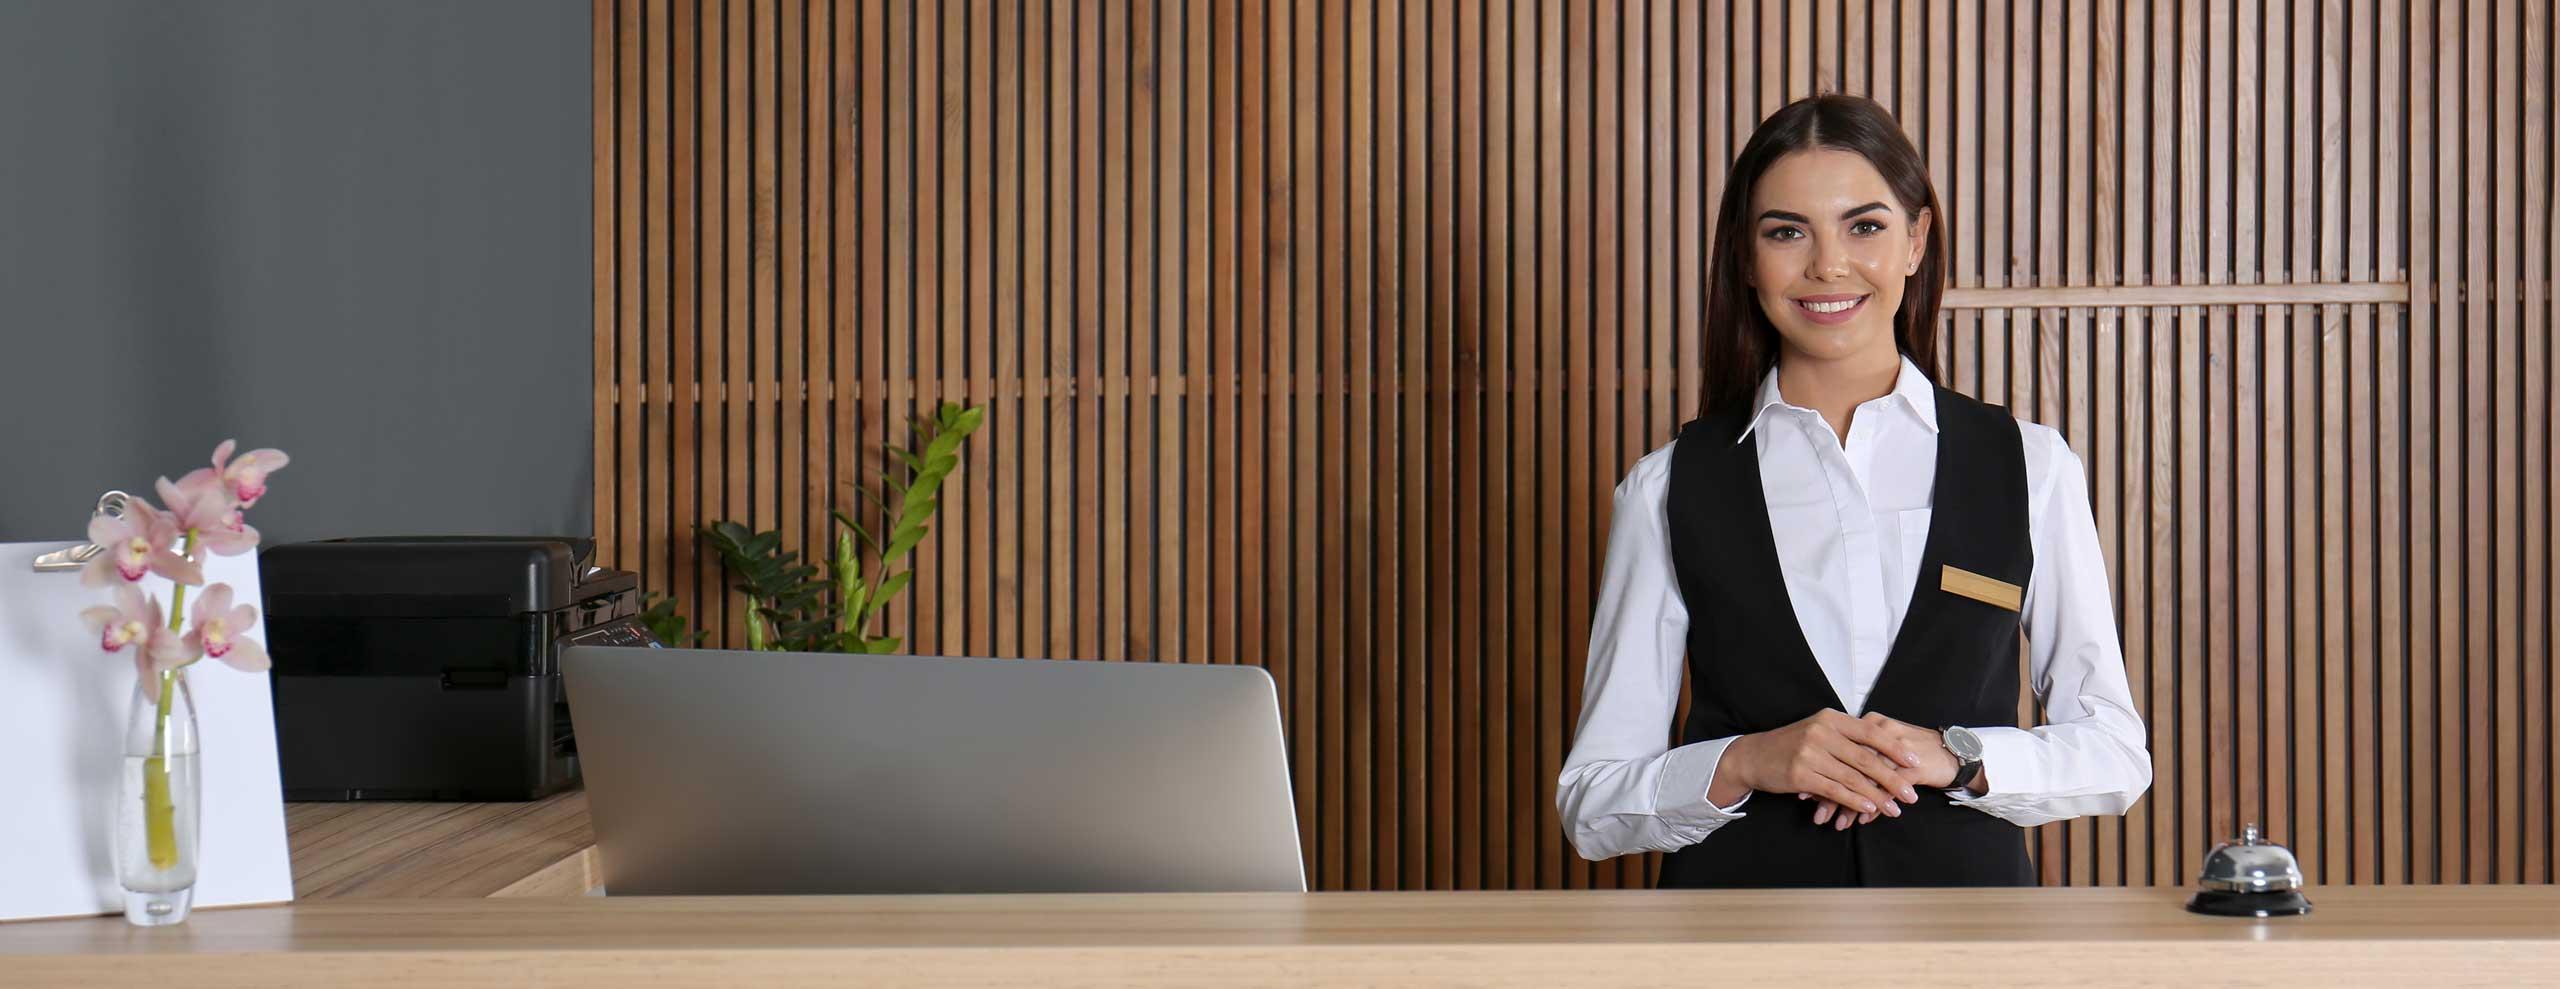 Portrait einer jungen Rezeptionistin am Schreibtisch in der Hotellobby